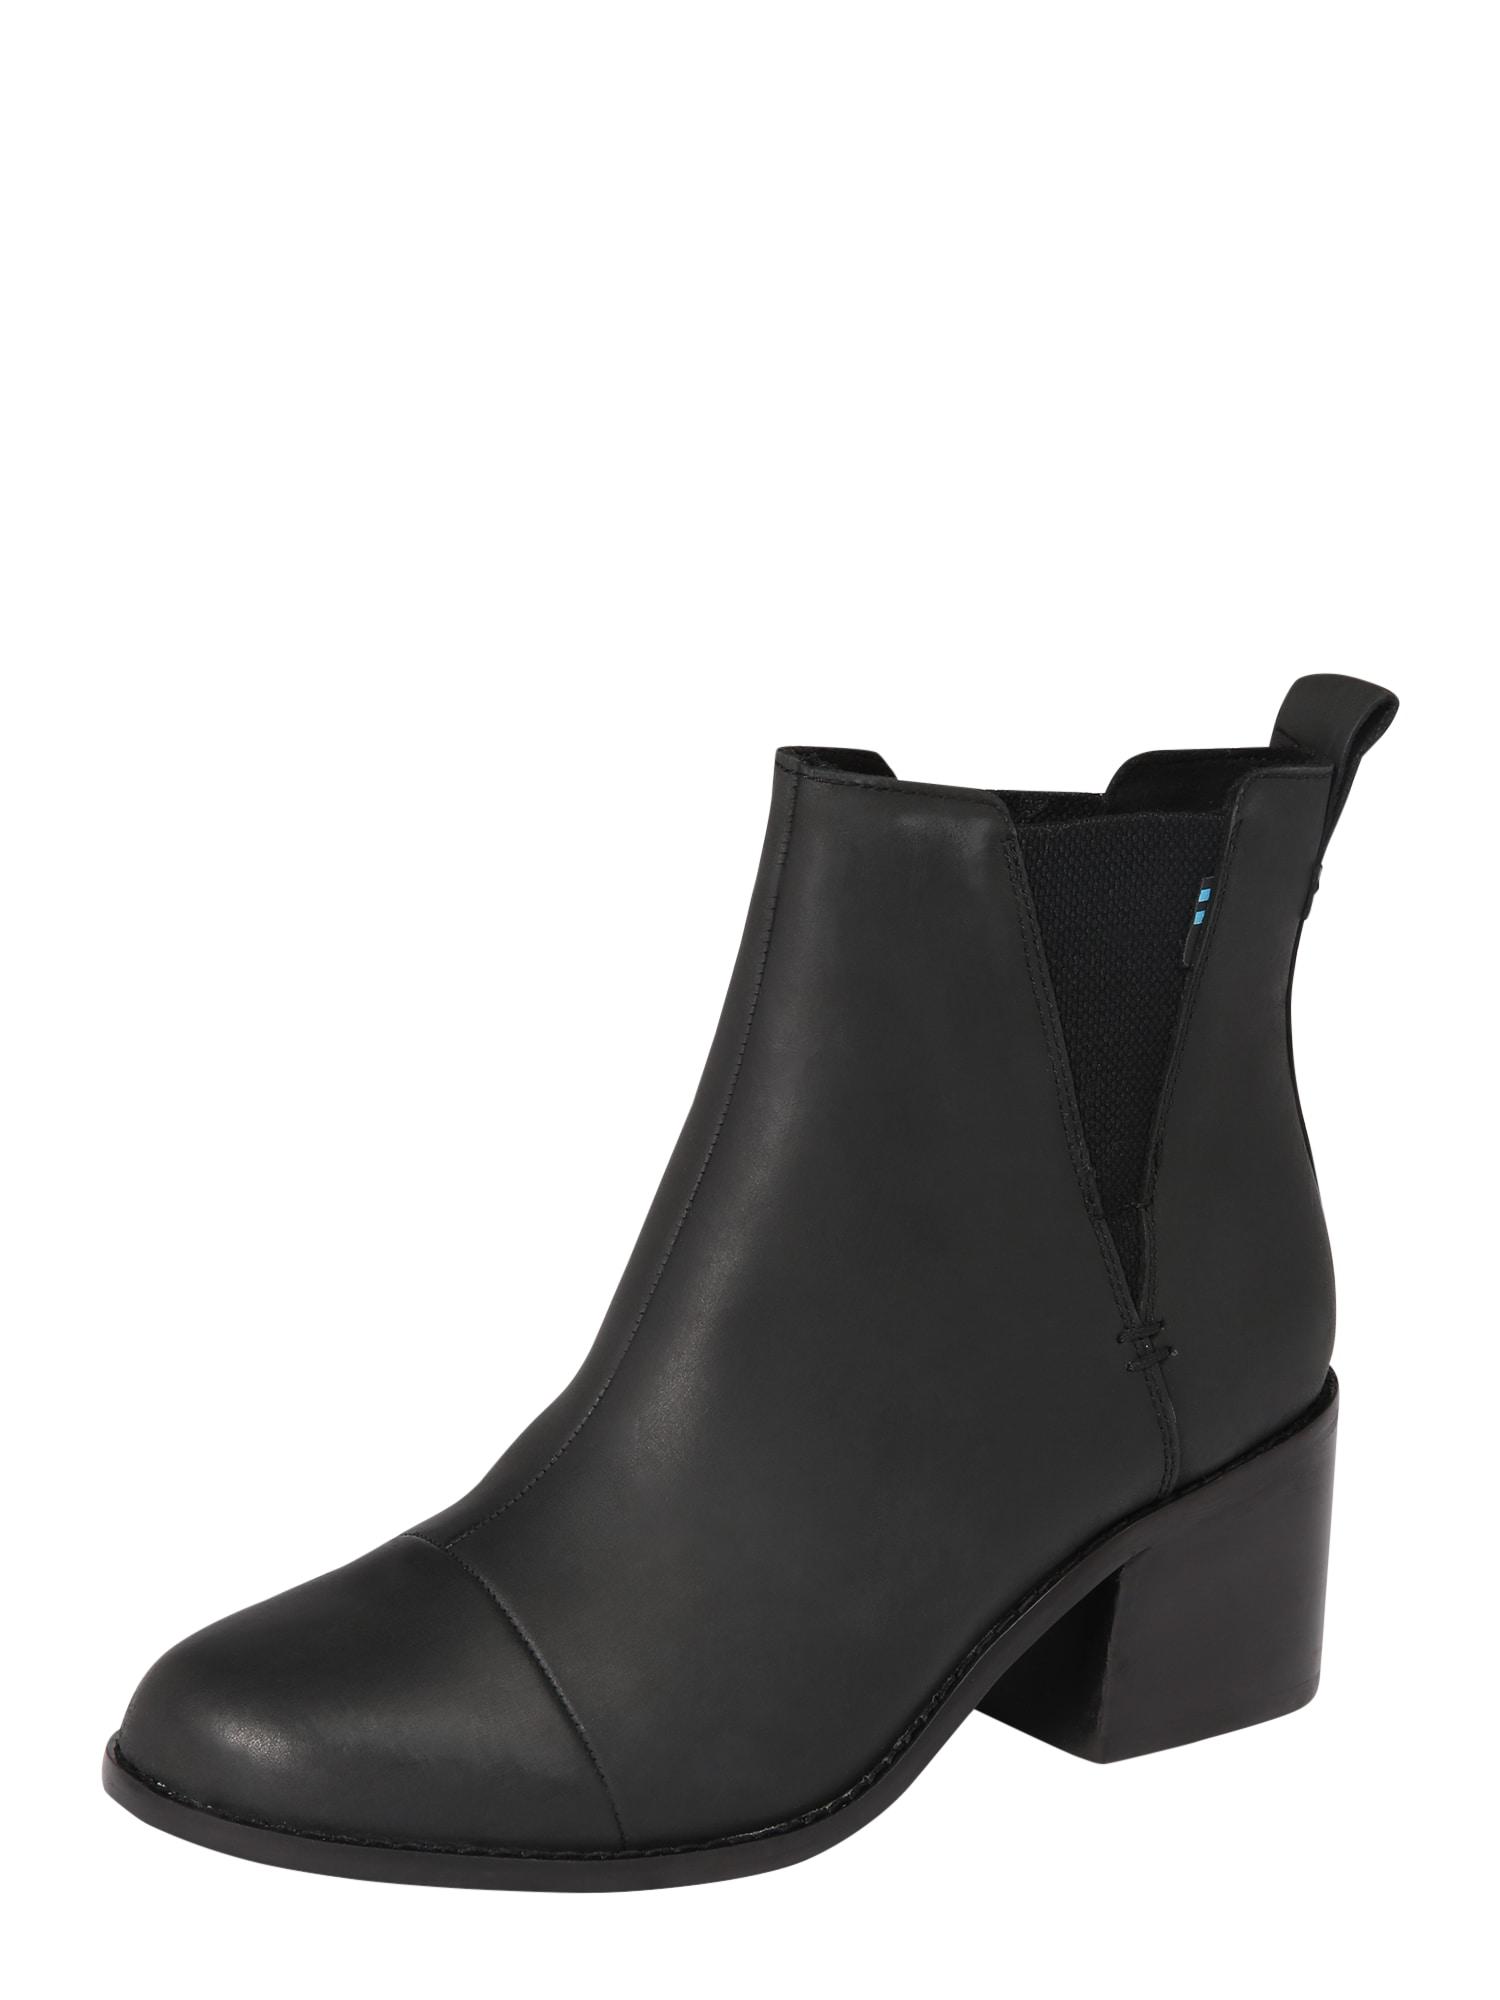 Chelsea boty Esme černá TOMS